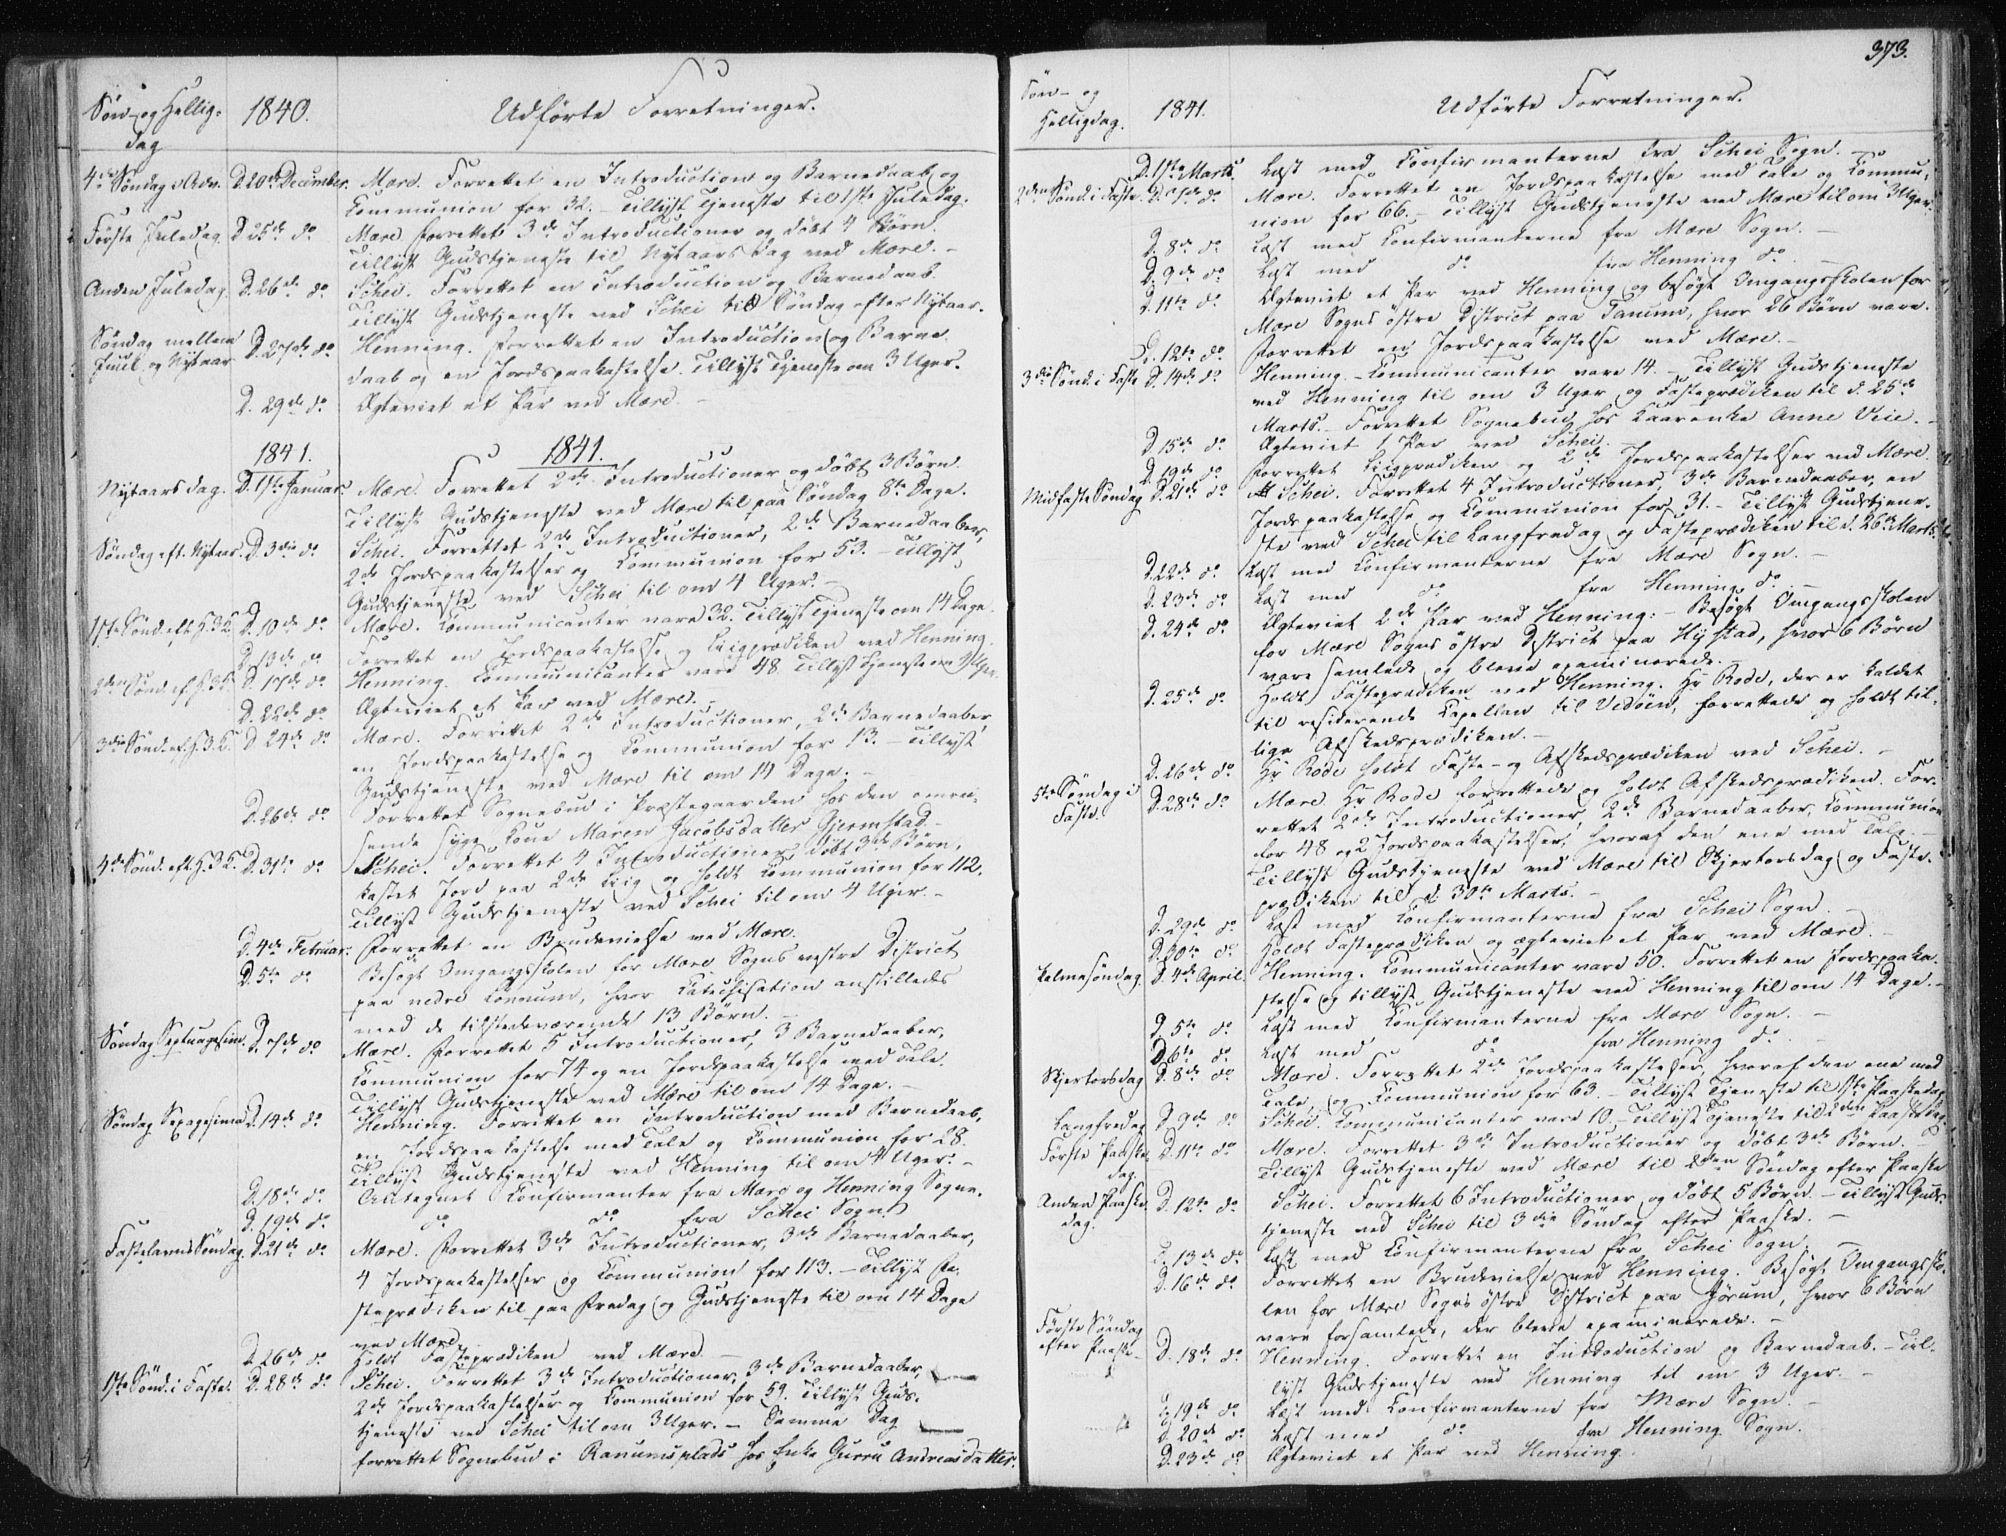 SAT, Ministerialprotokoller, klokkerbøker og fødselsregistre - Nord-Trøndelag, 735/L0339: Ministerialbok nr. 735A06 /1, 1836-1848, s. 373